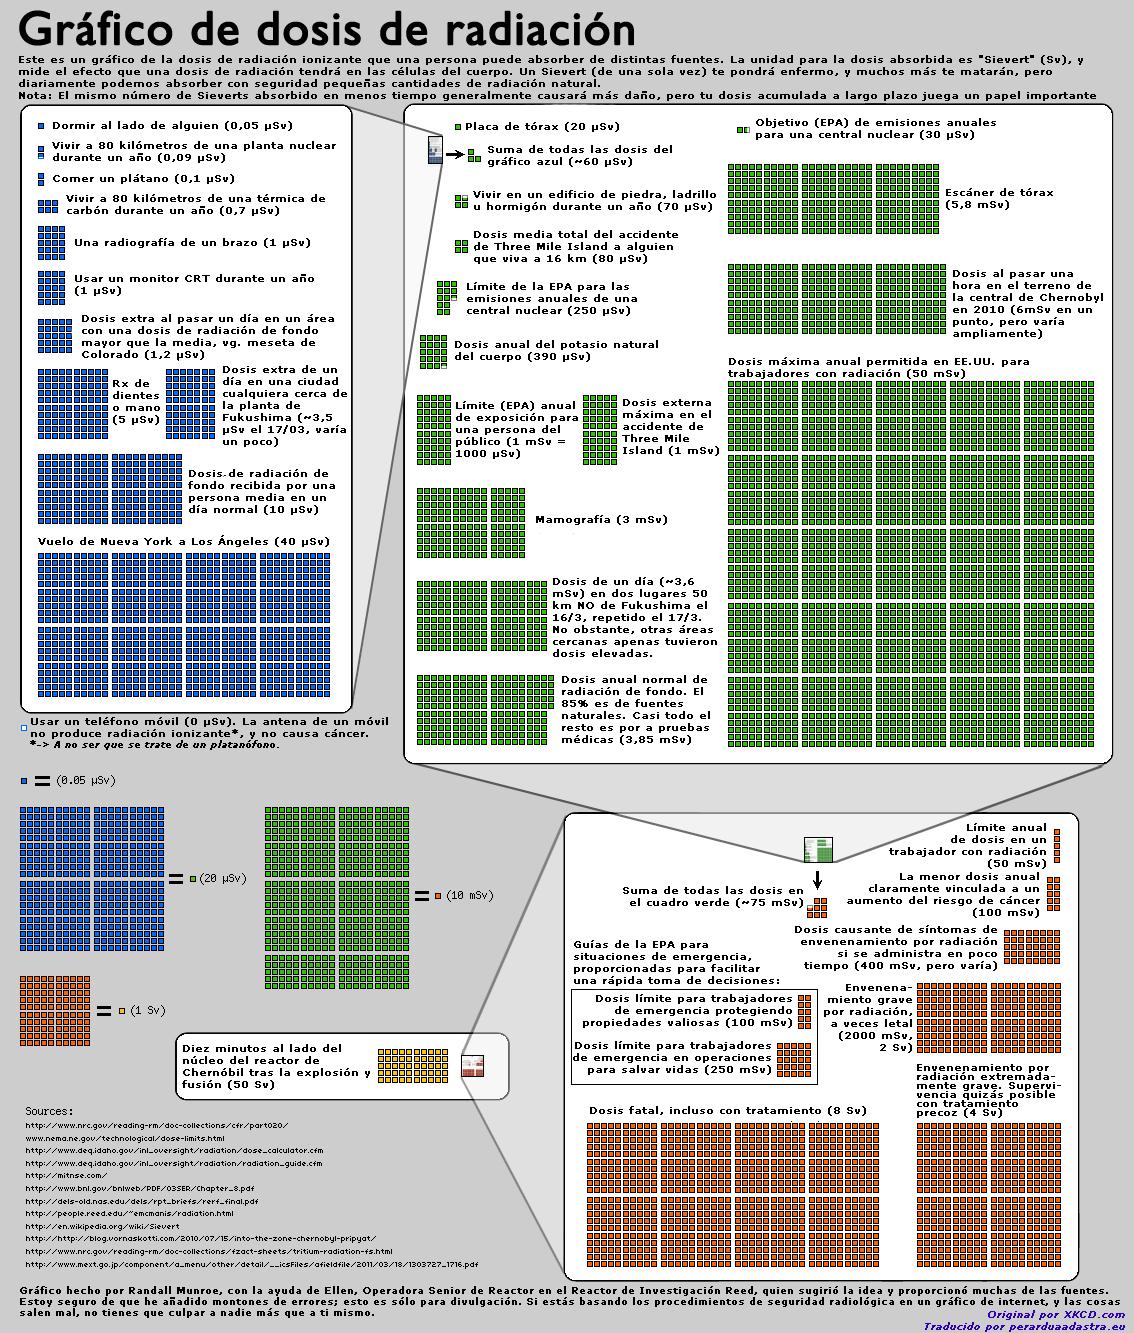 Gráfico dosis radiación